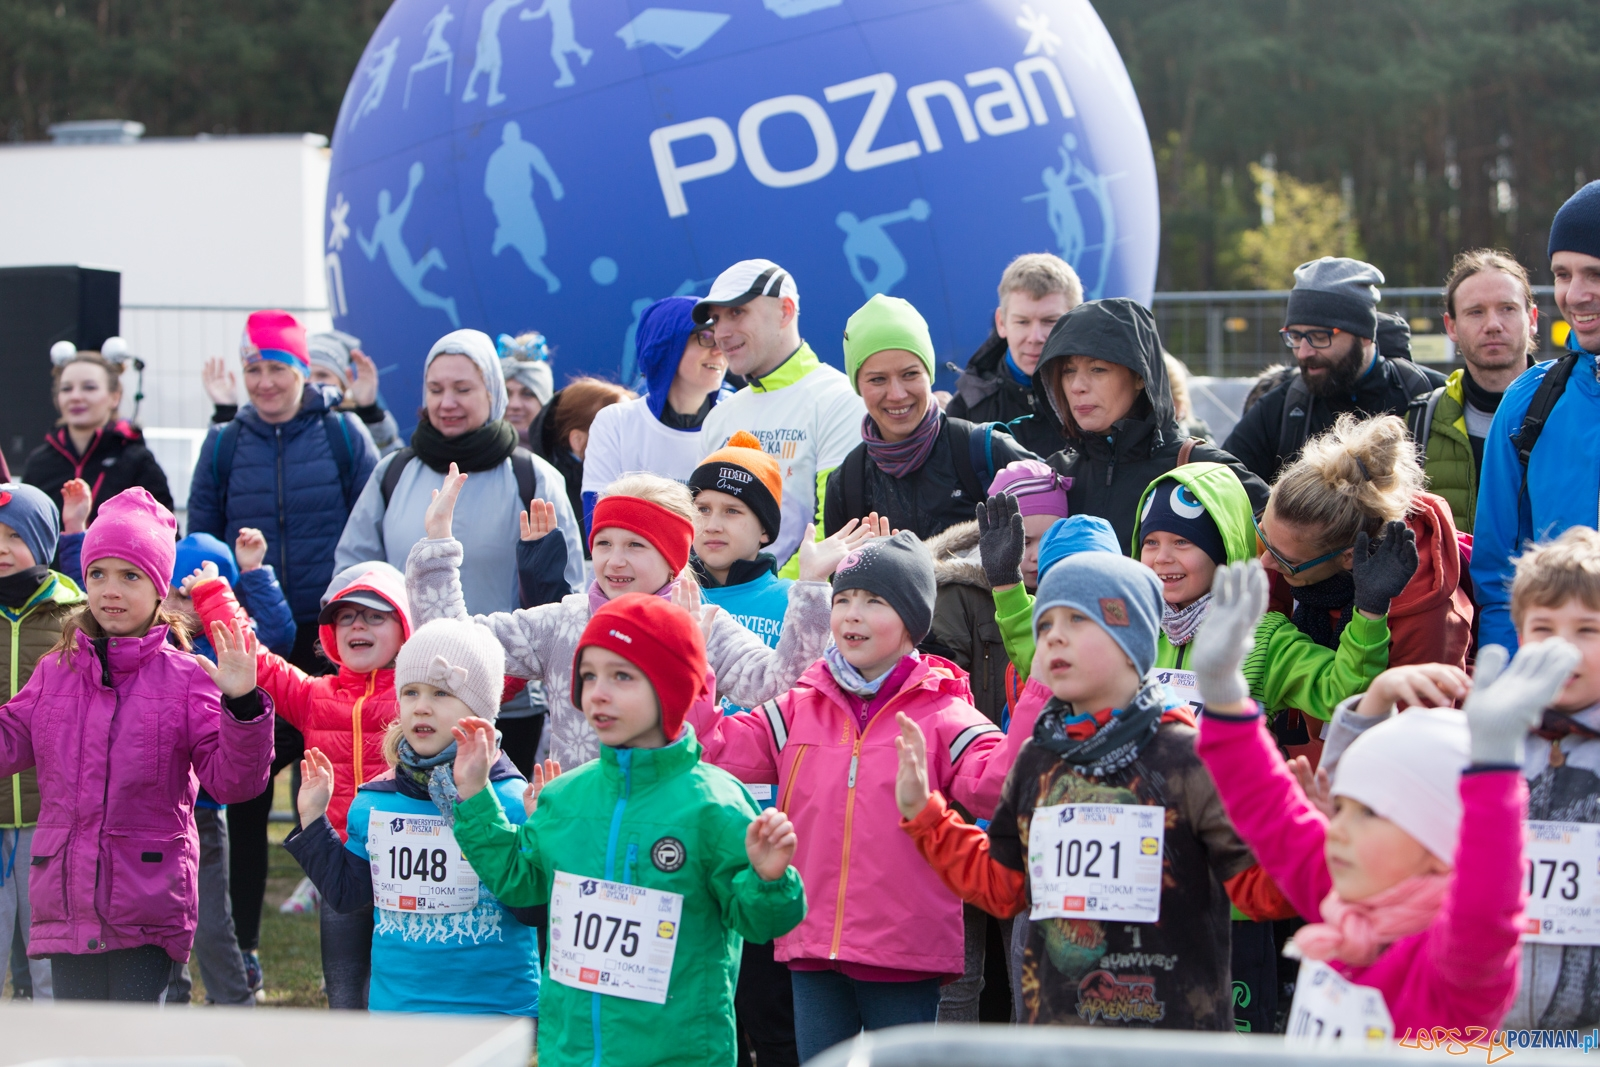 IV Uniwersytecka ZaDyszka im. Jerzego Żeligowskiego  Foto: lepszyPOZNAN.pl / Piotr Rychter